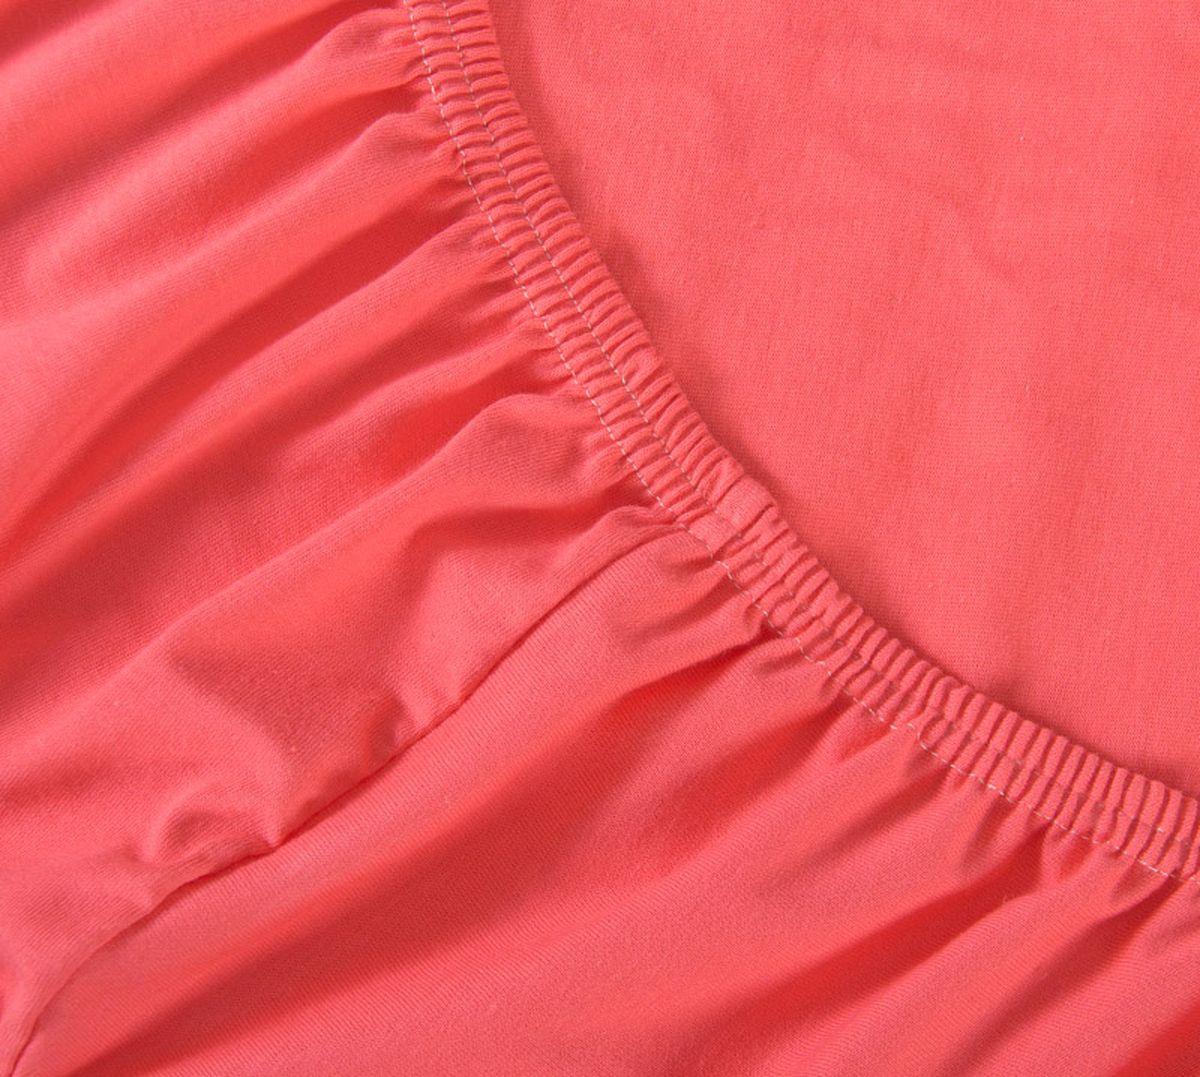 Простыня Текс-Дизайн, на резинке, цвет: коралловый, 180 х 200 х 20 смР014ТПростыня Текс-Дизайн изготовлена из трикотажа высокого качества, состоящего на 100% из хлопка. По всему периметру простыня снабжена резинкой, что обеспечивает комфортный отдых, и избавляет от неприятных ощущений скомкавшейся во время сна изделия. Простыня легко одевается на матрасы высотой до 20 см. Идеально подходит в качестве наматрасника.Трикотаж эластичен и растяжим, практически не мнется и не теряет форму после стирки. И кроме того он очень красиво выглядит и приятен на ощупь.